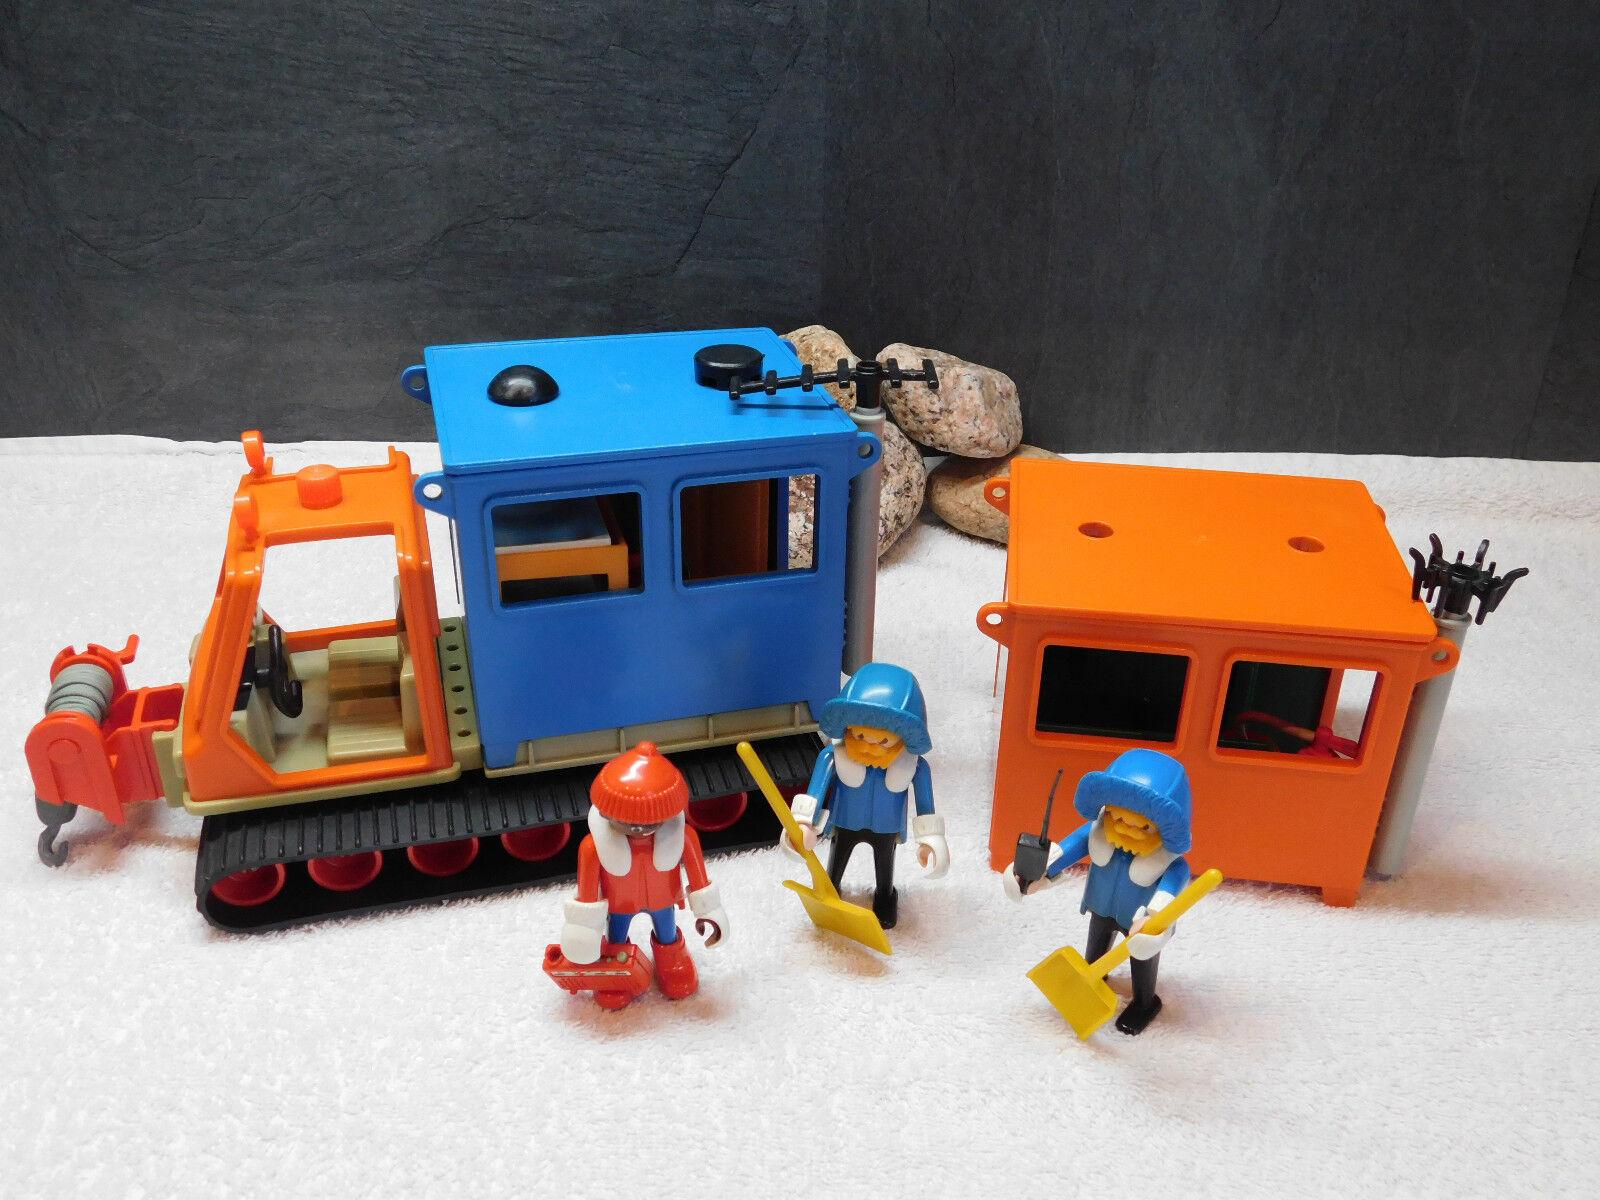 Playmobil Rarität Mobile II, Forschungsstation 3460-A/1986 II, Mobile ohne OVP 528e9e